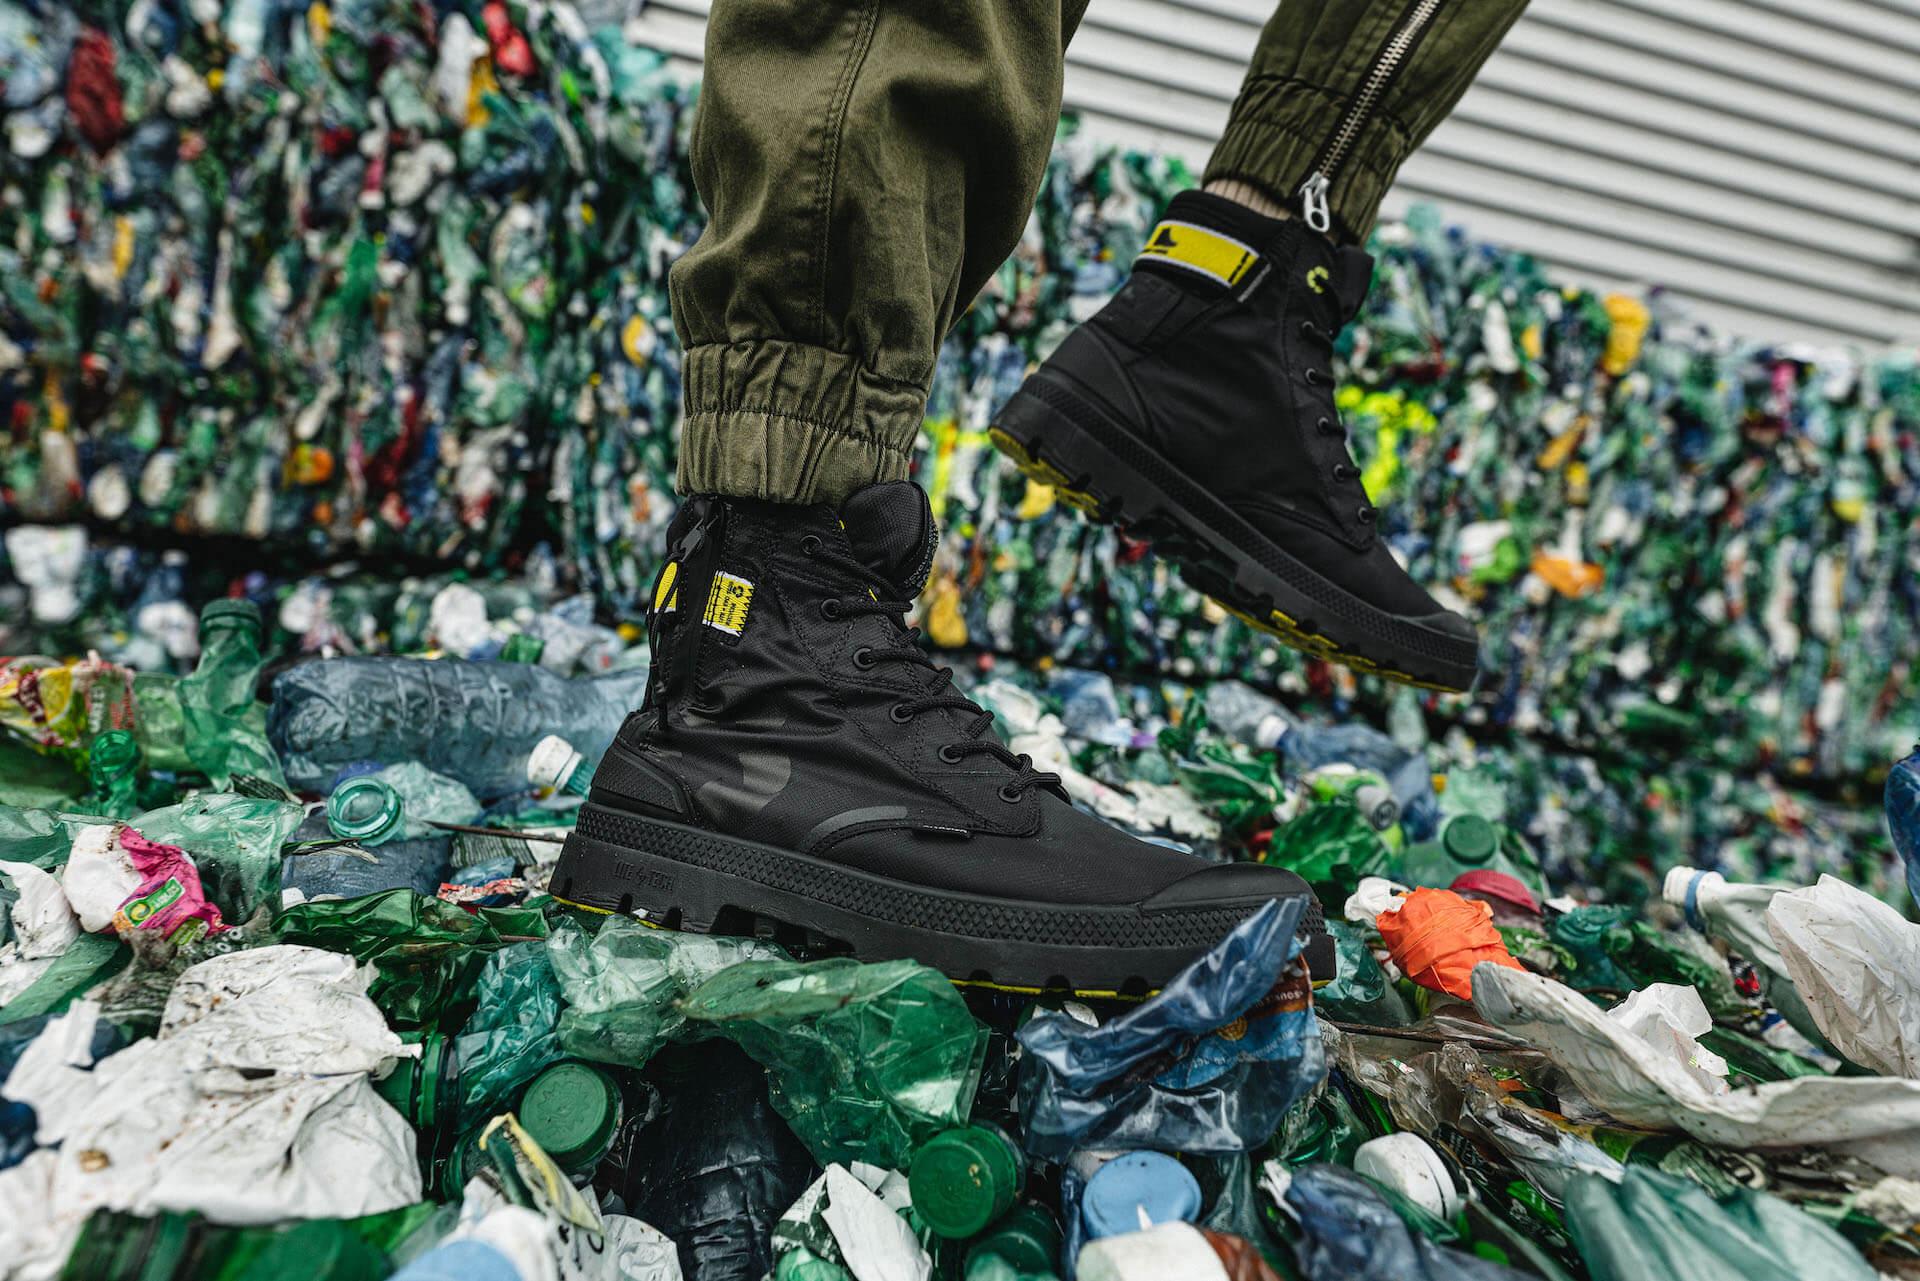 パラディウムから微生物の働きにより分解できる素材やペットボトルを使ったサスティナブルな防水ブーツ3モデルが登場! lf200305_palladiumrcycl_02